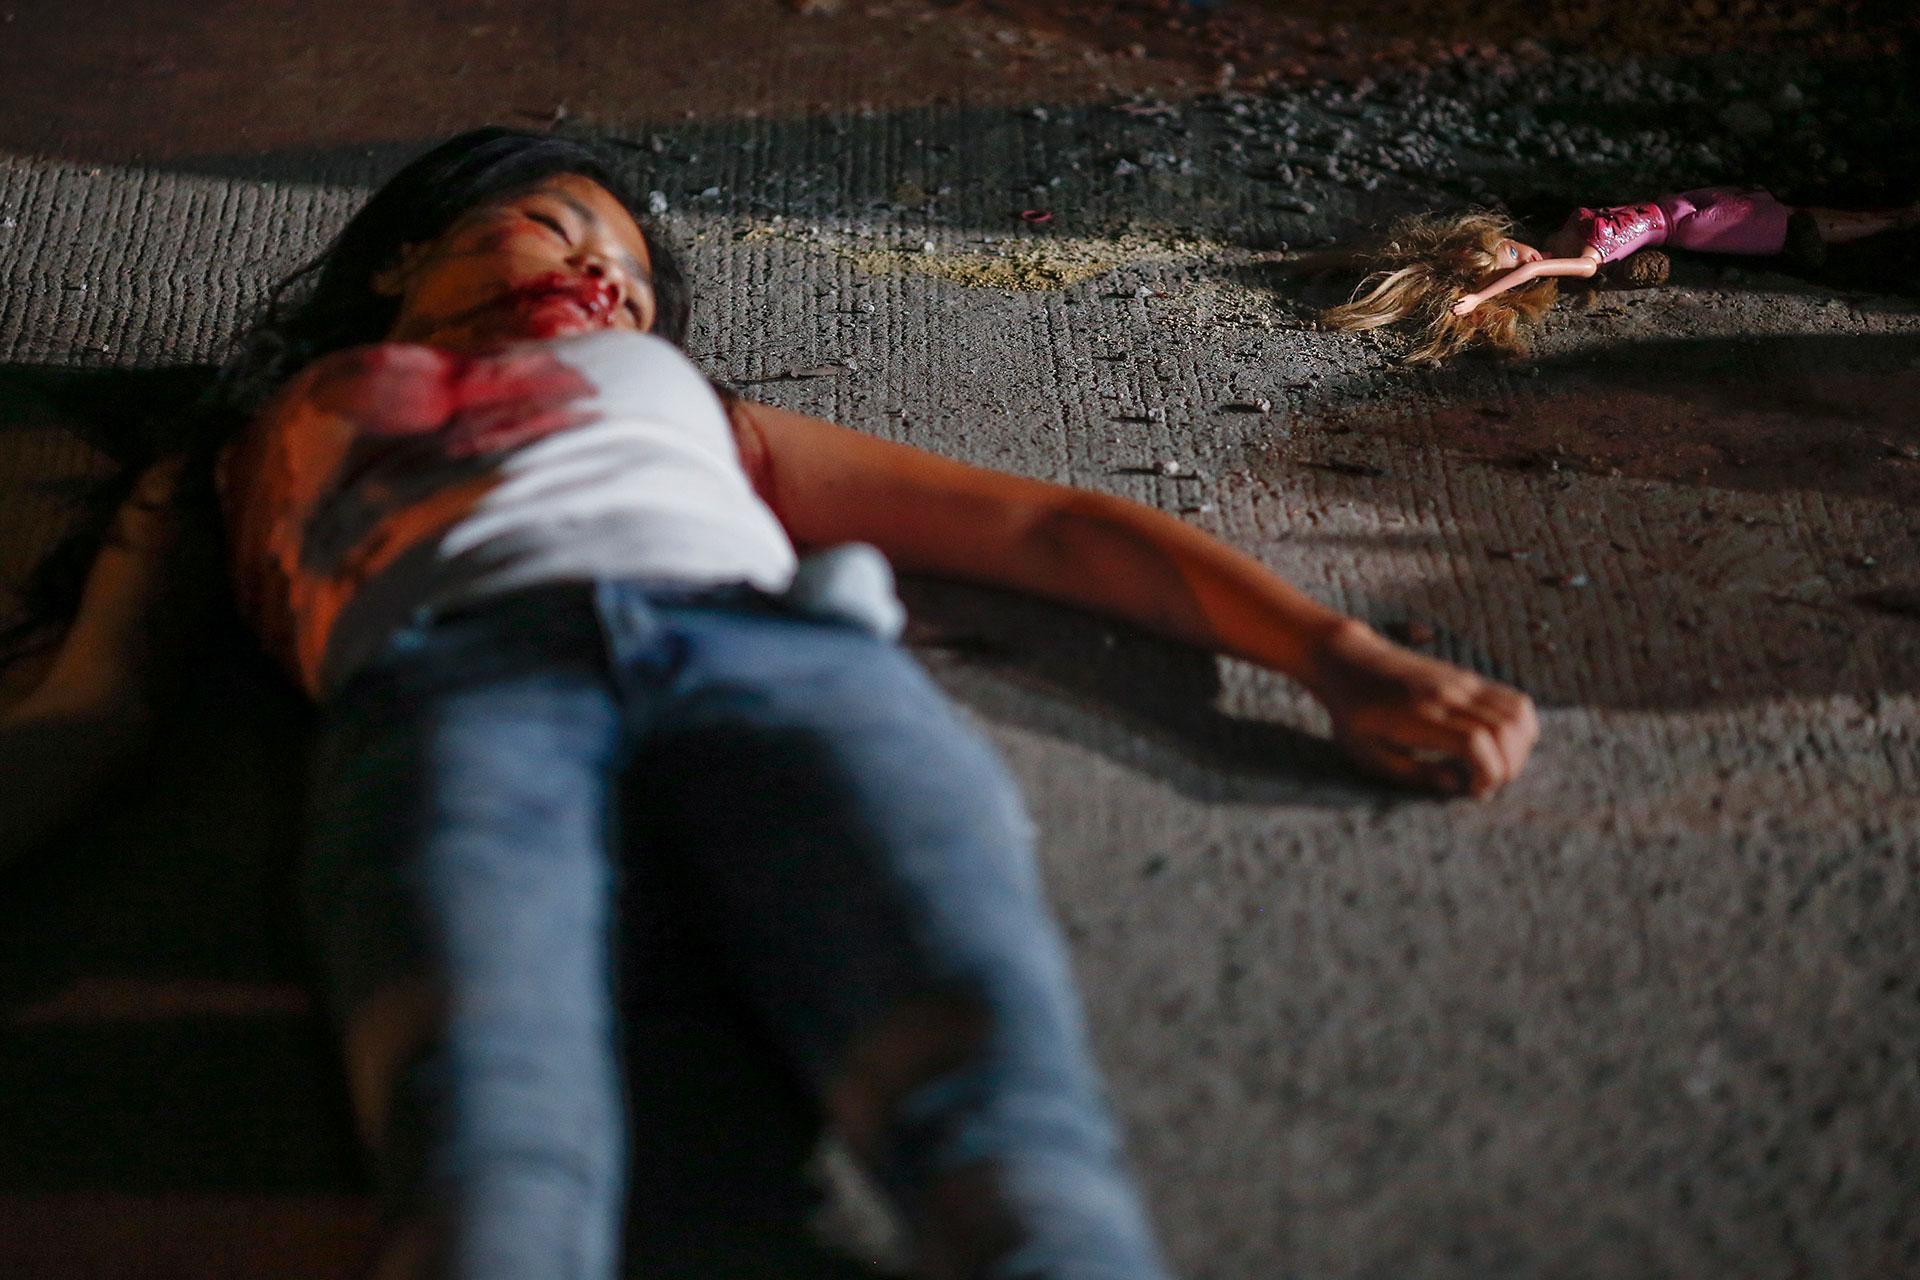 La aparición de cadáveres de personas muertas por fuerzas policiales filipinas es atribuida a su relación con las drogas